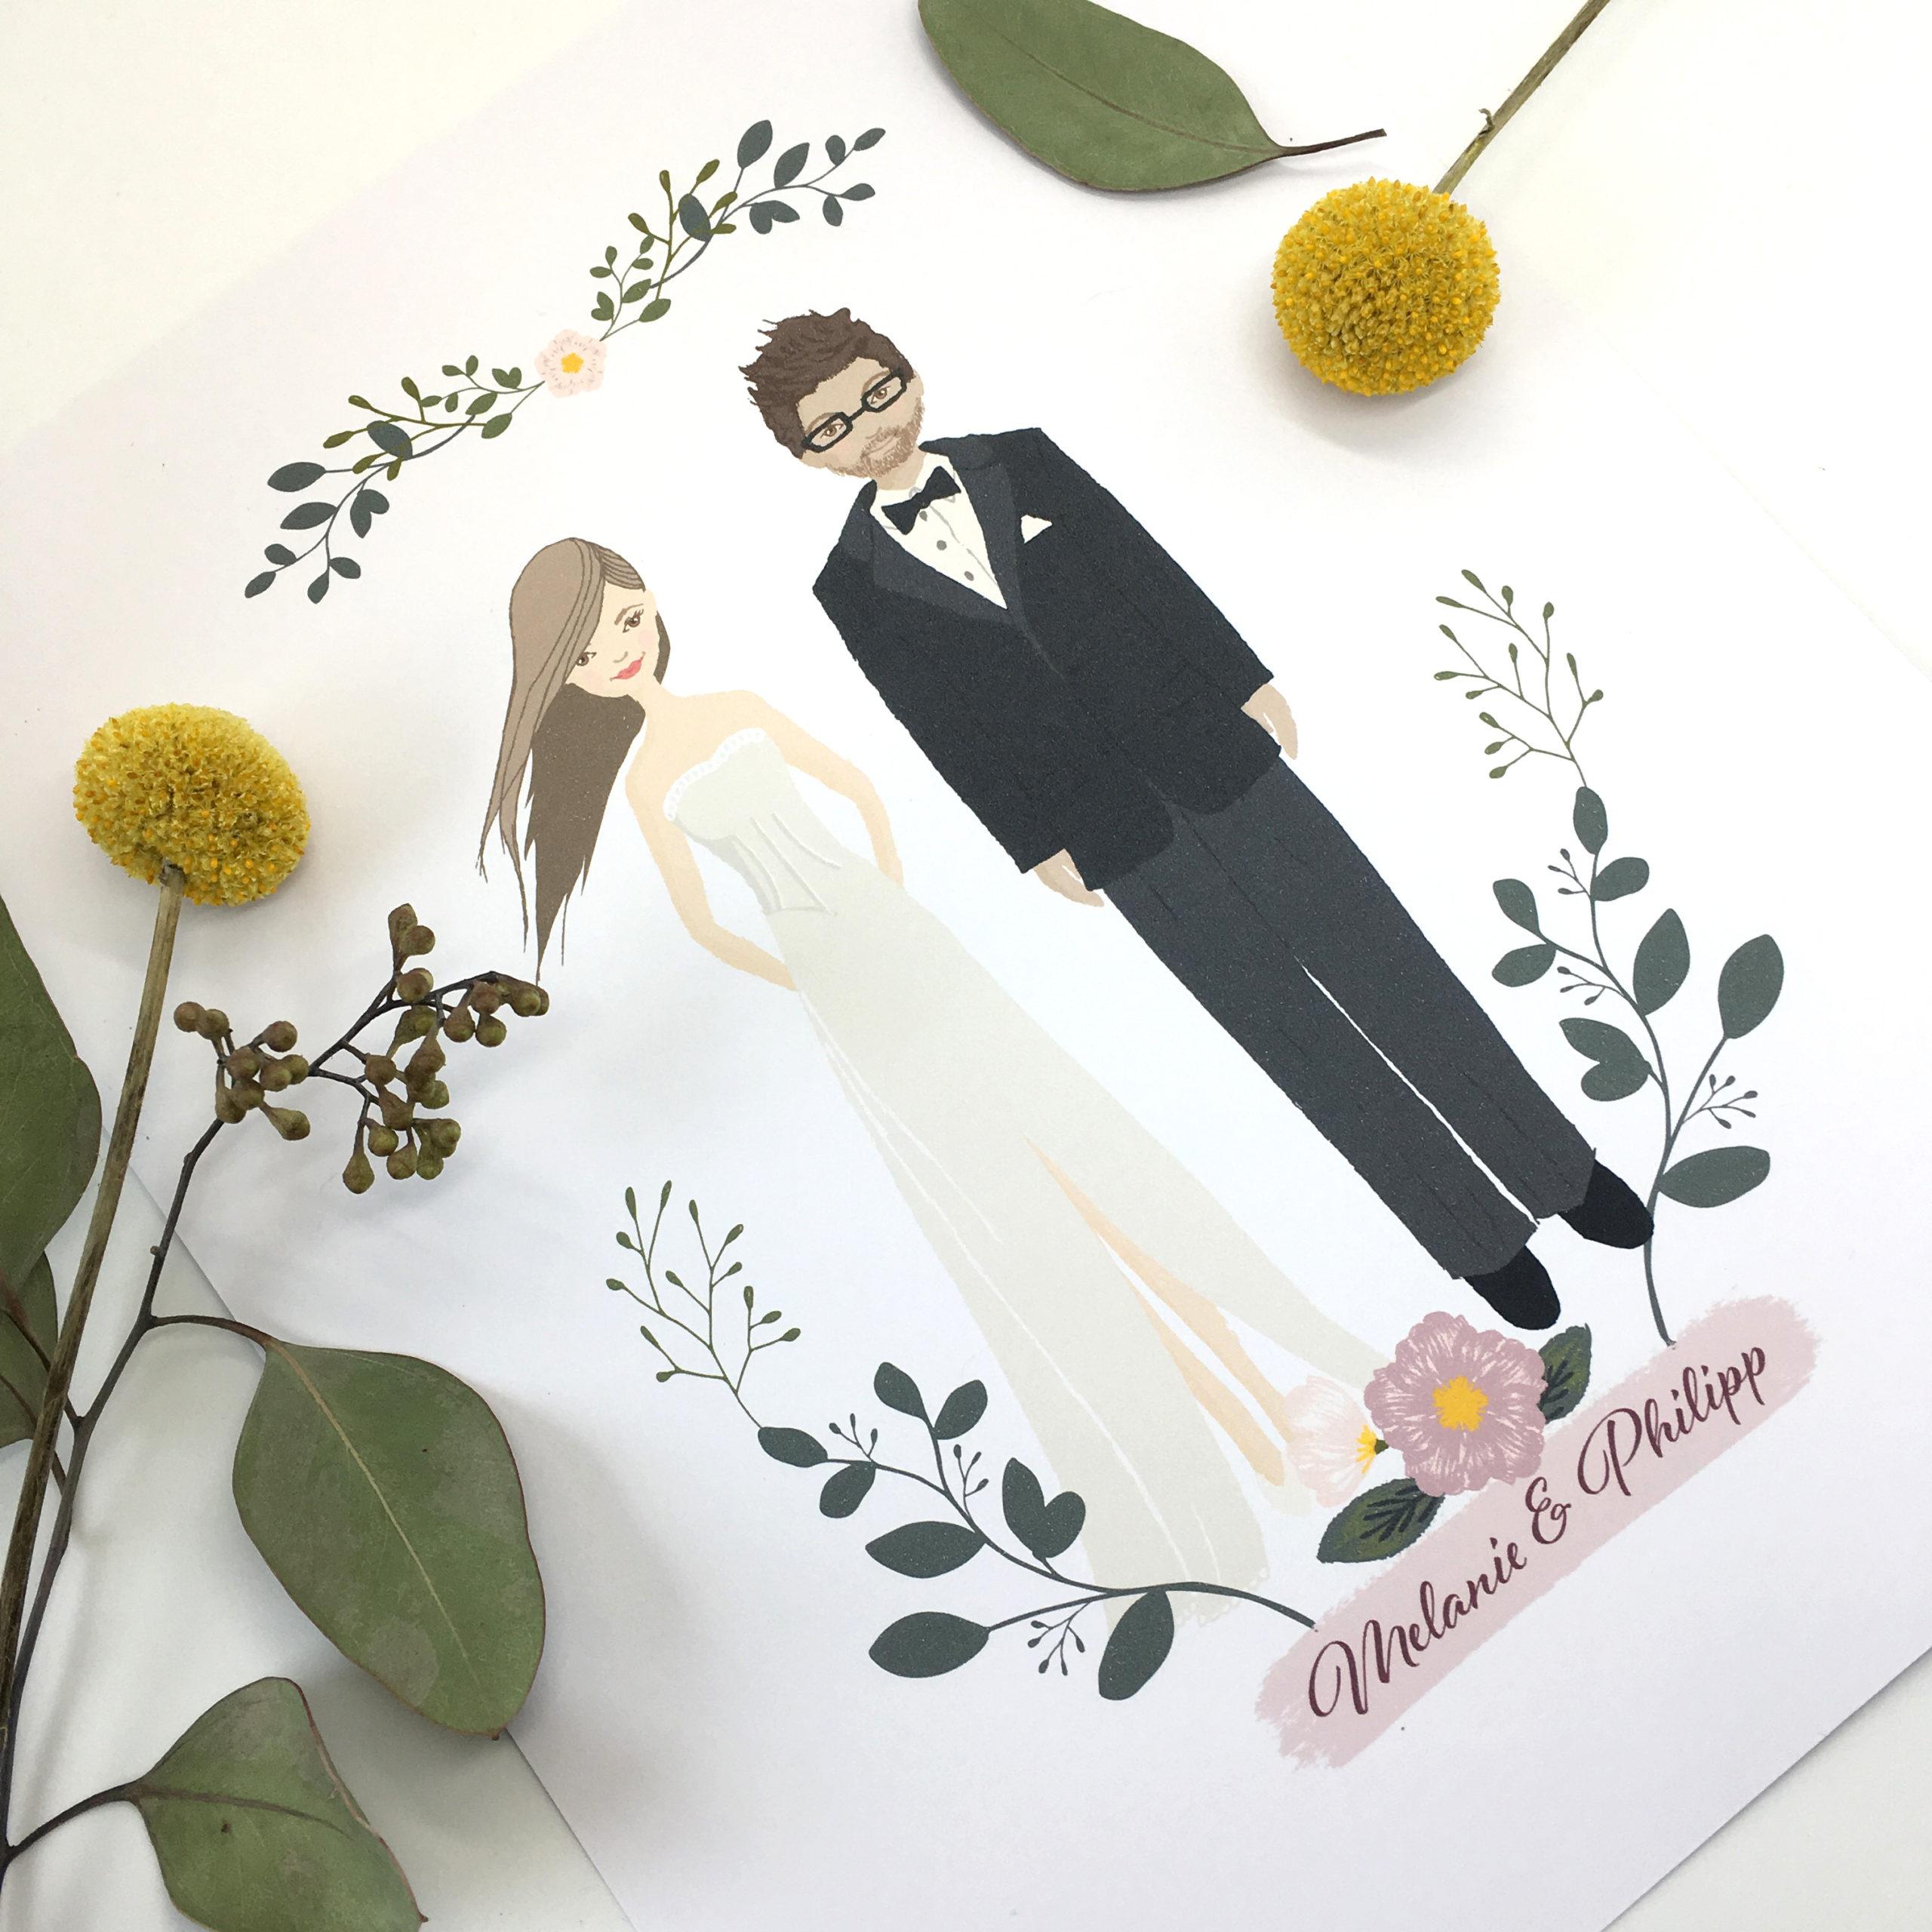 Pärchenportrait Hochzeitsportrait hello! Designstudio